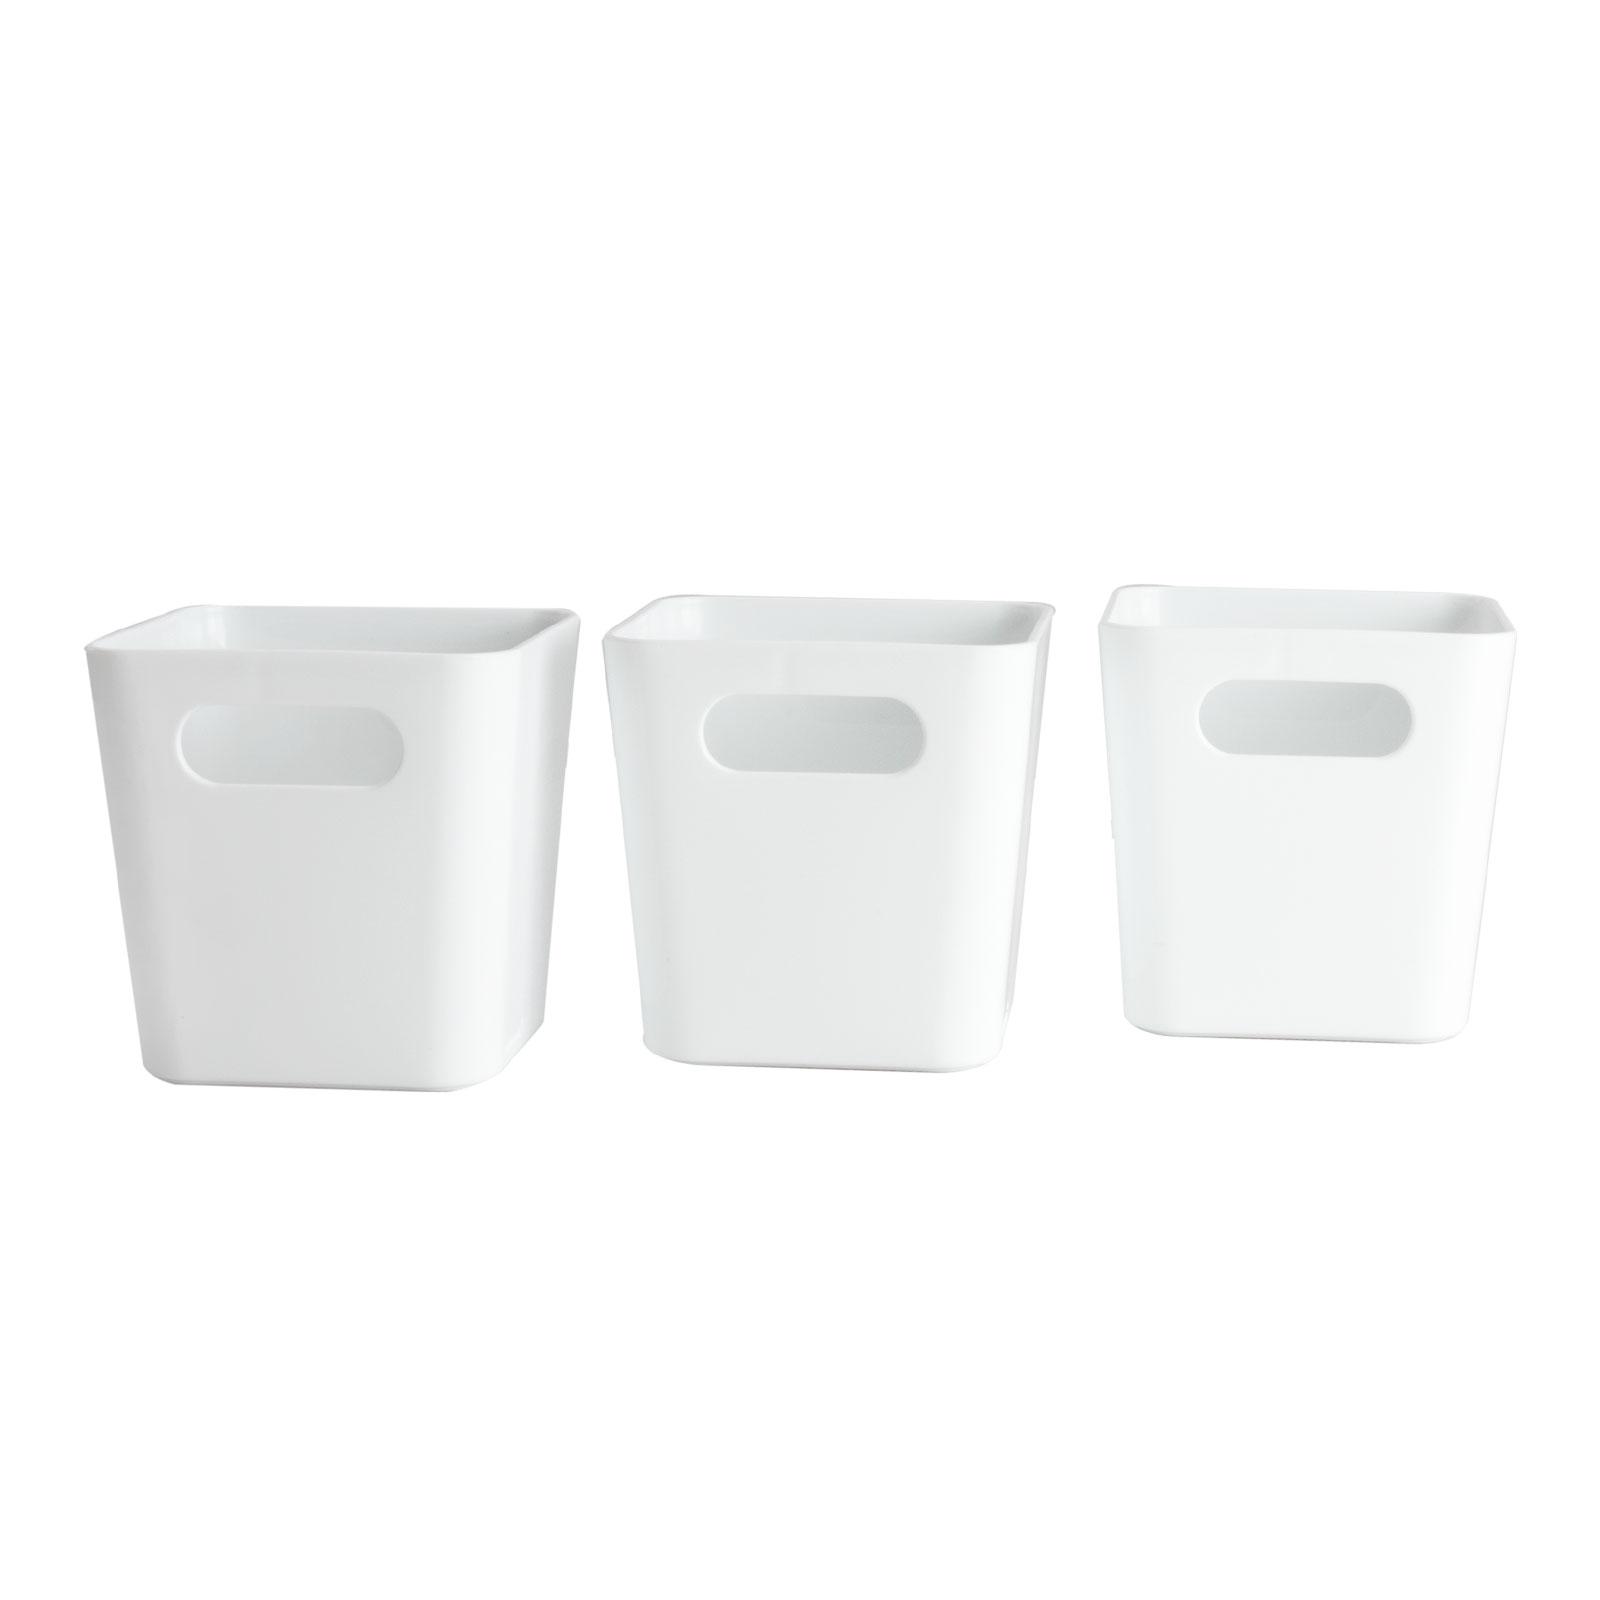 3 x Organizer Box Ordnungssystem Aufbewahrung Schublade Aufbewahrung Korb Bad